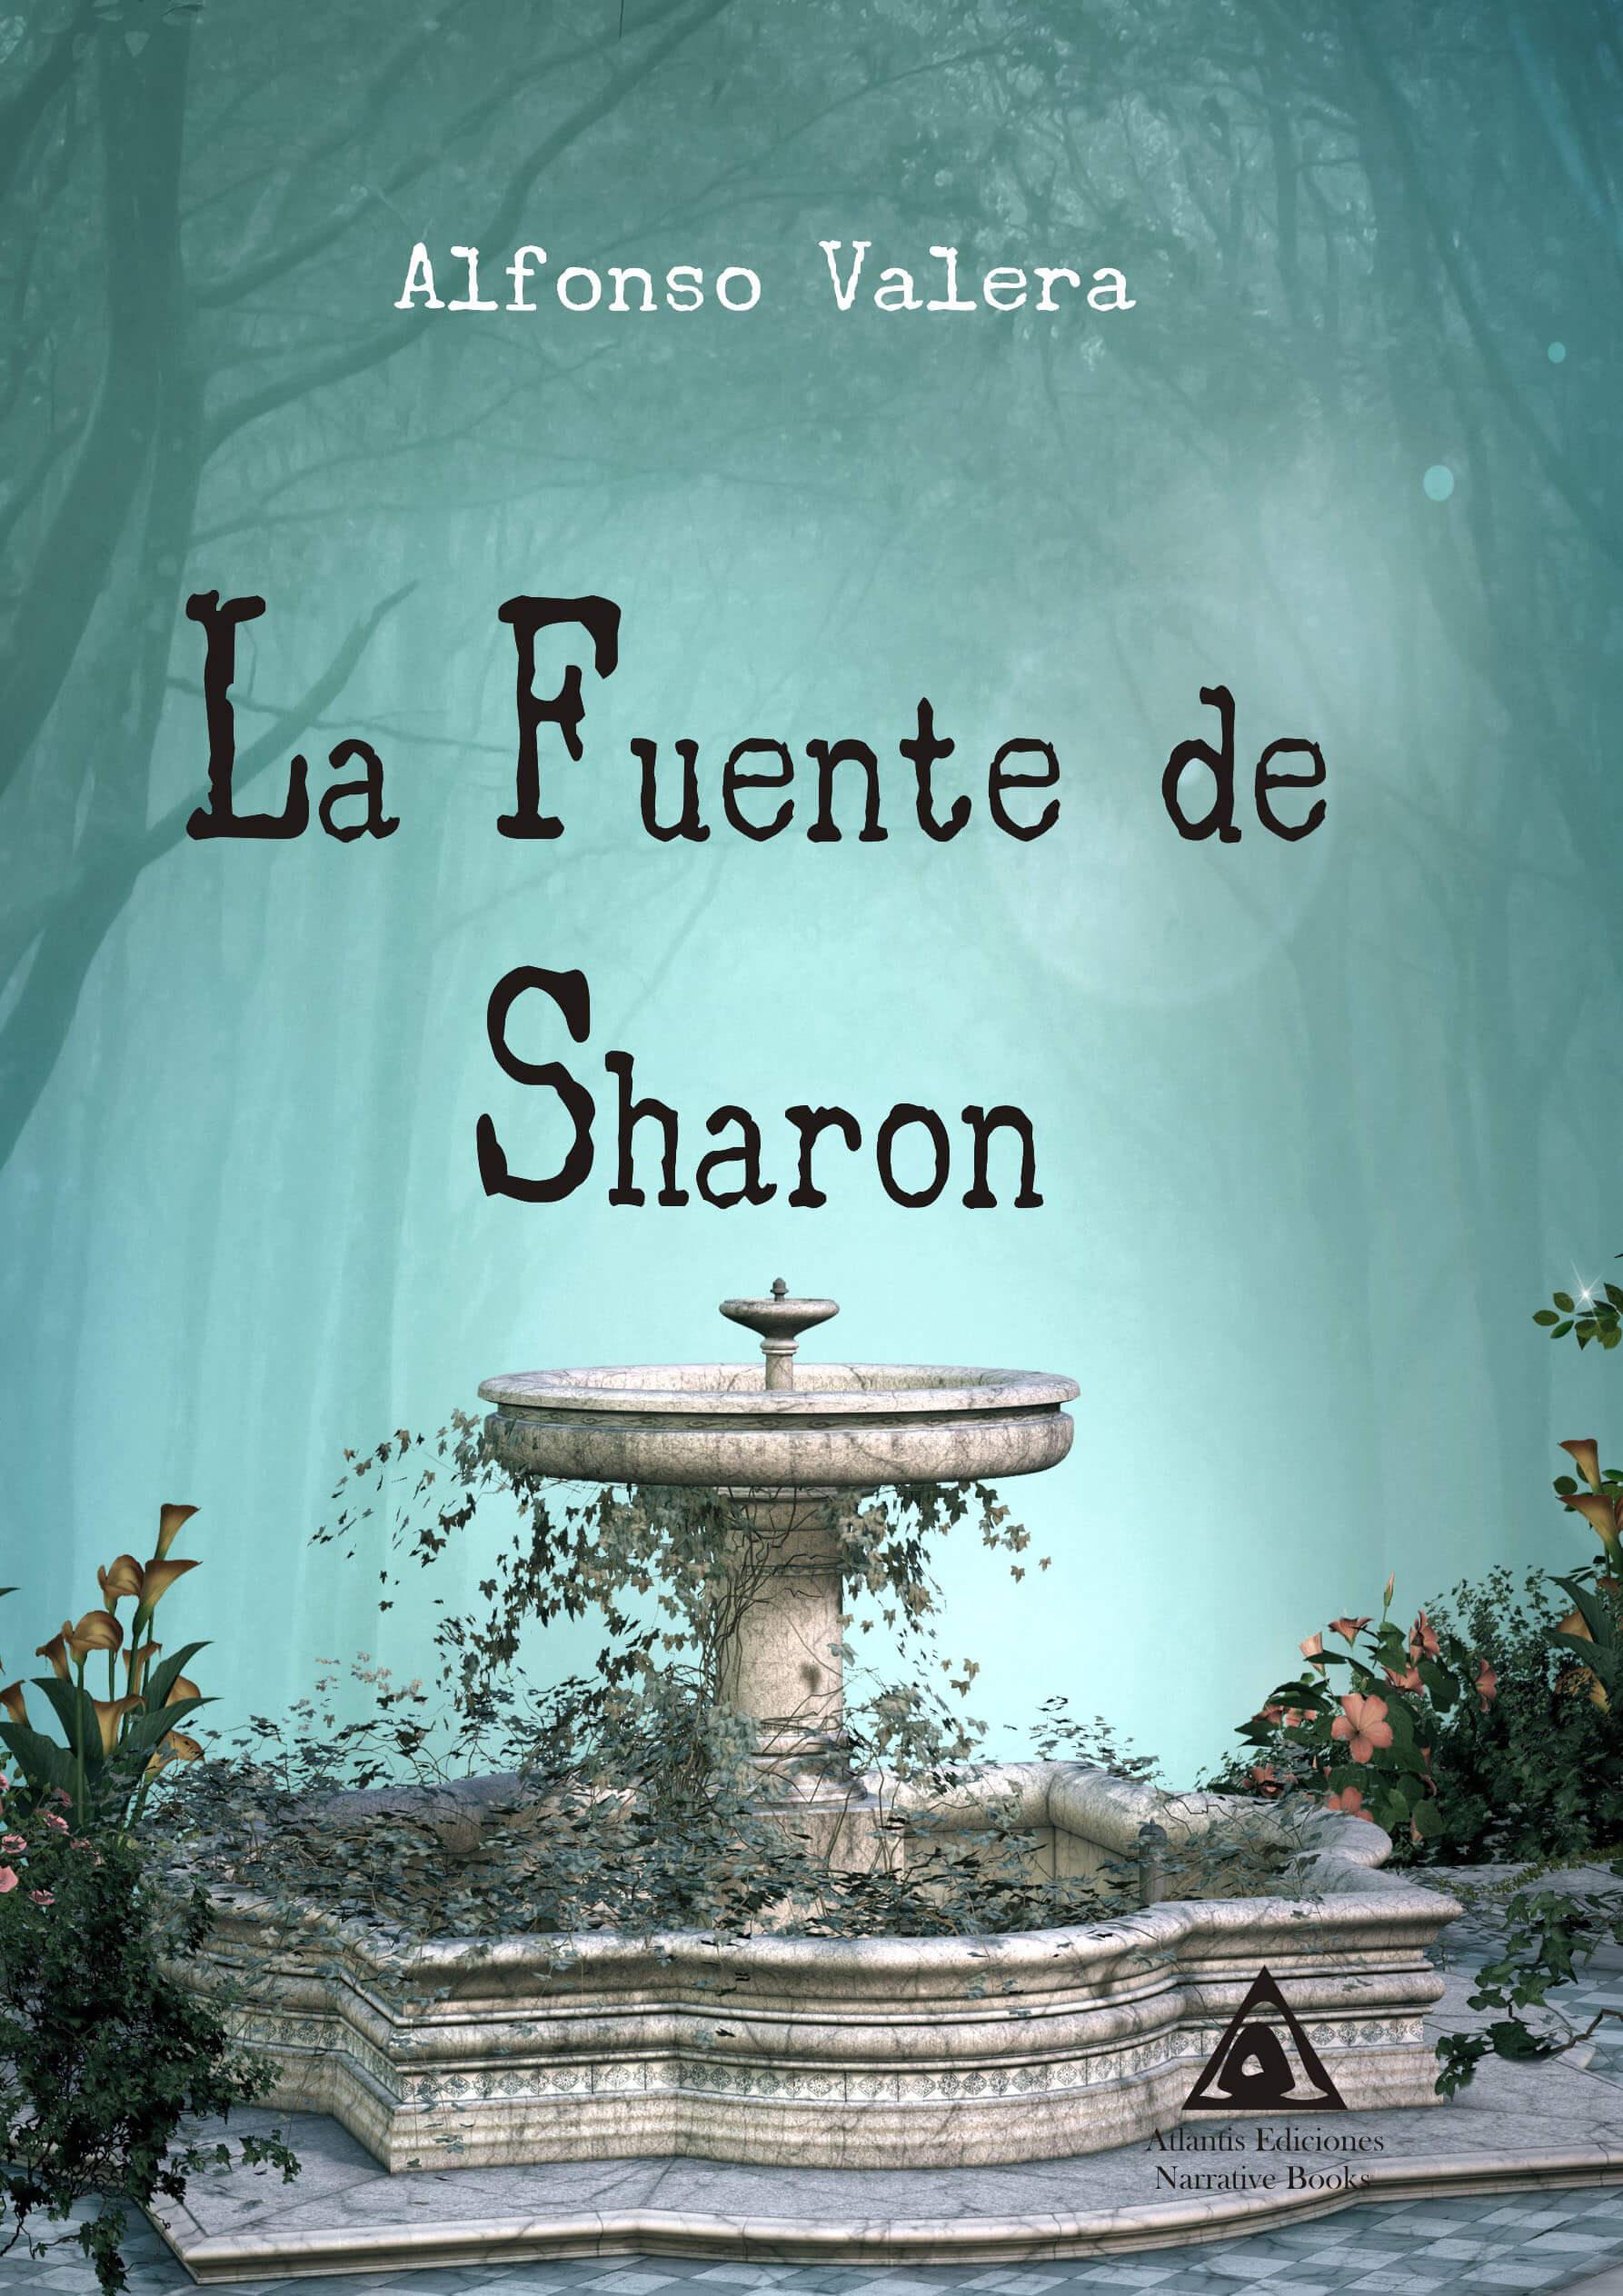 La fuente de Sharon, una obra de Alfonso Valera